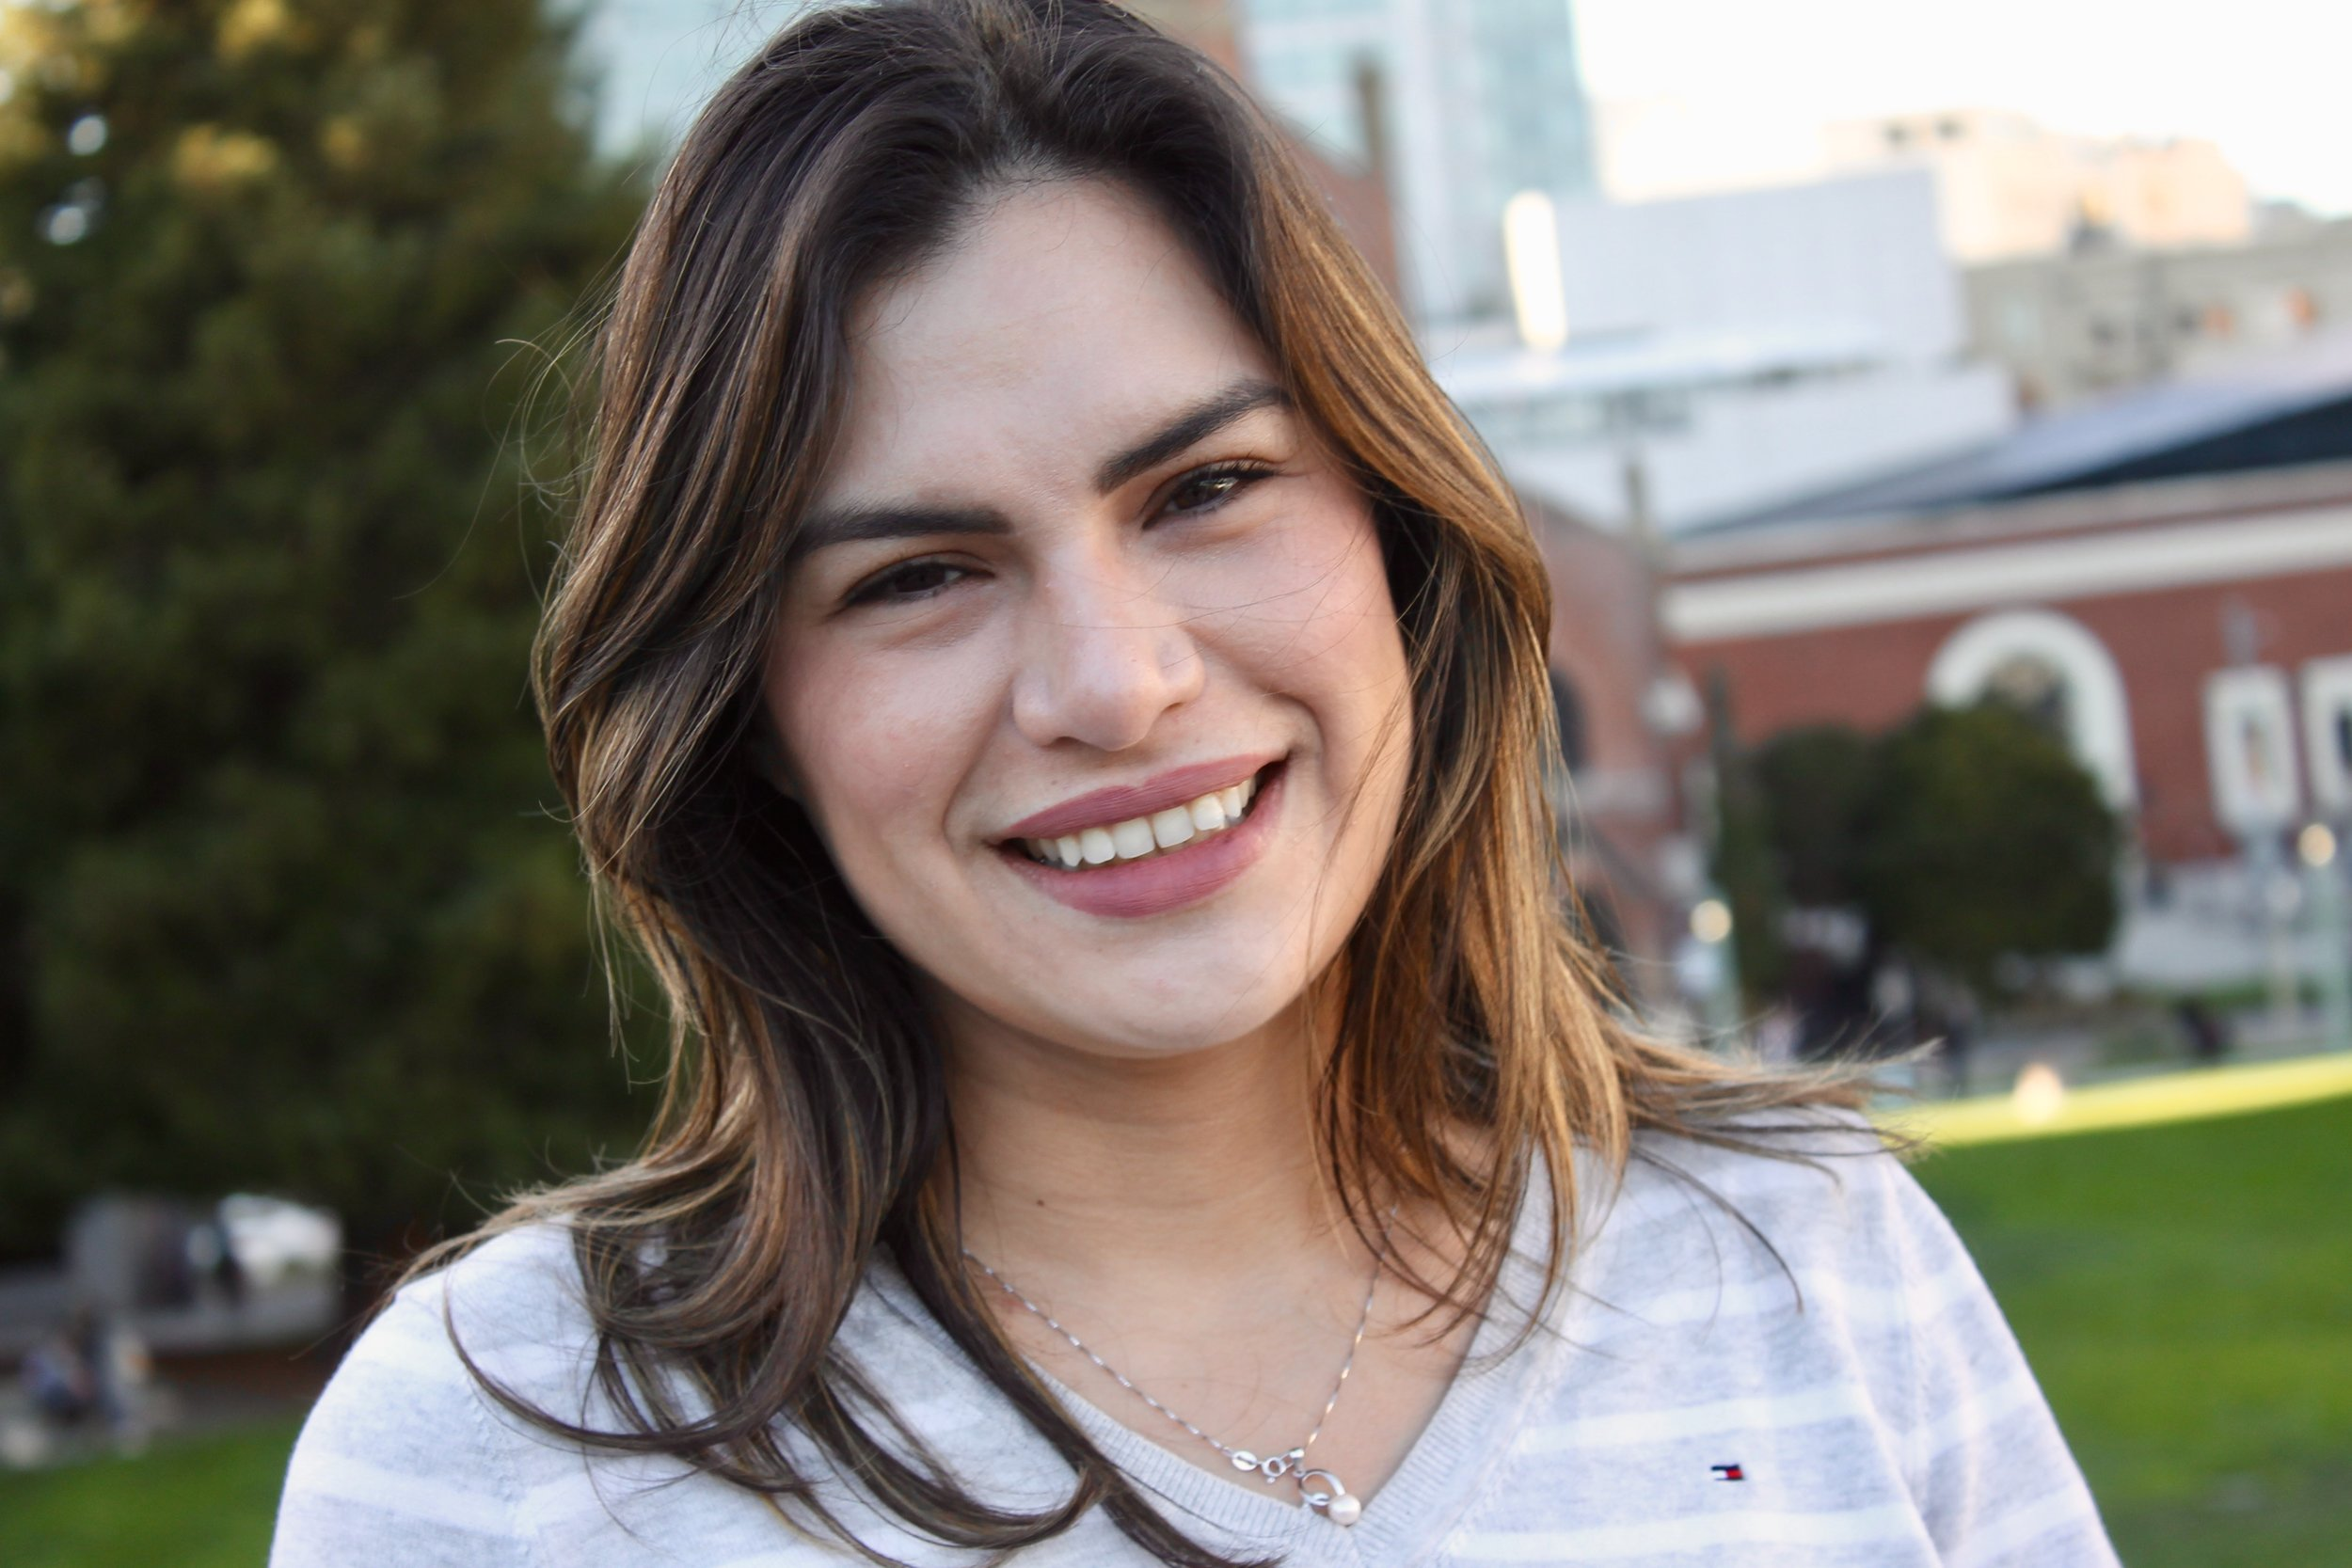 Cassandra Quintero